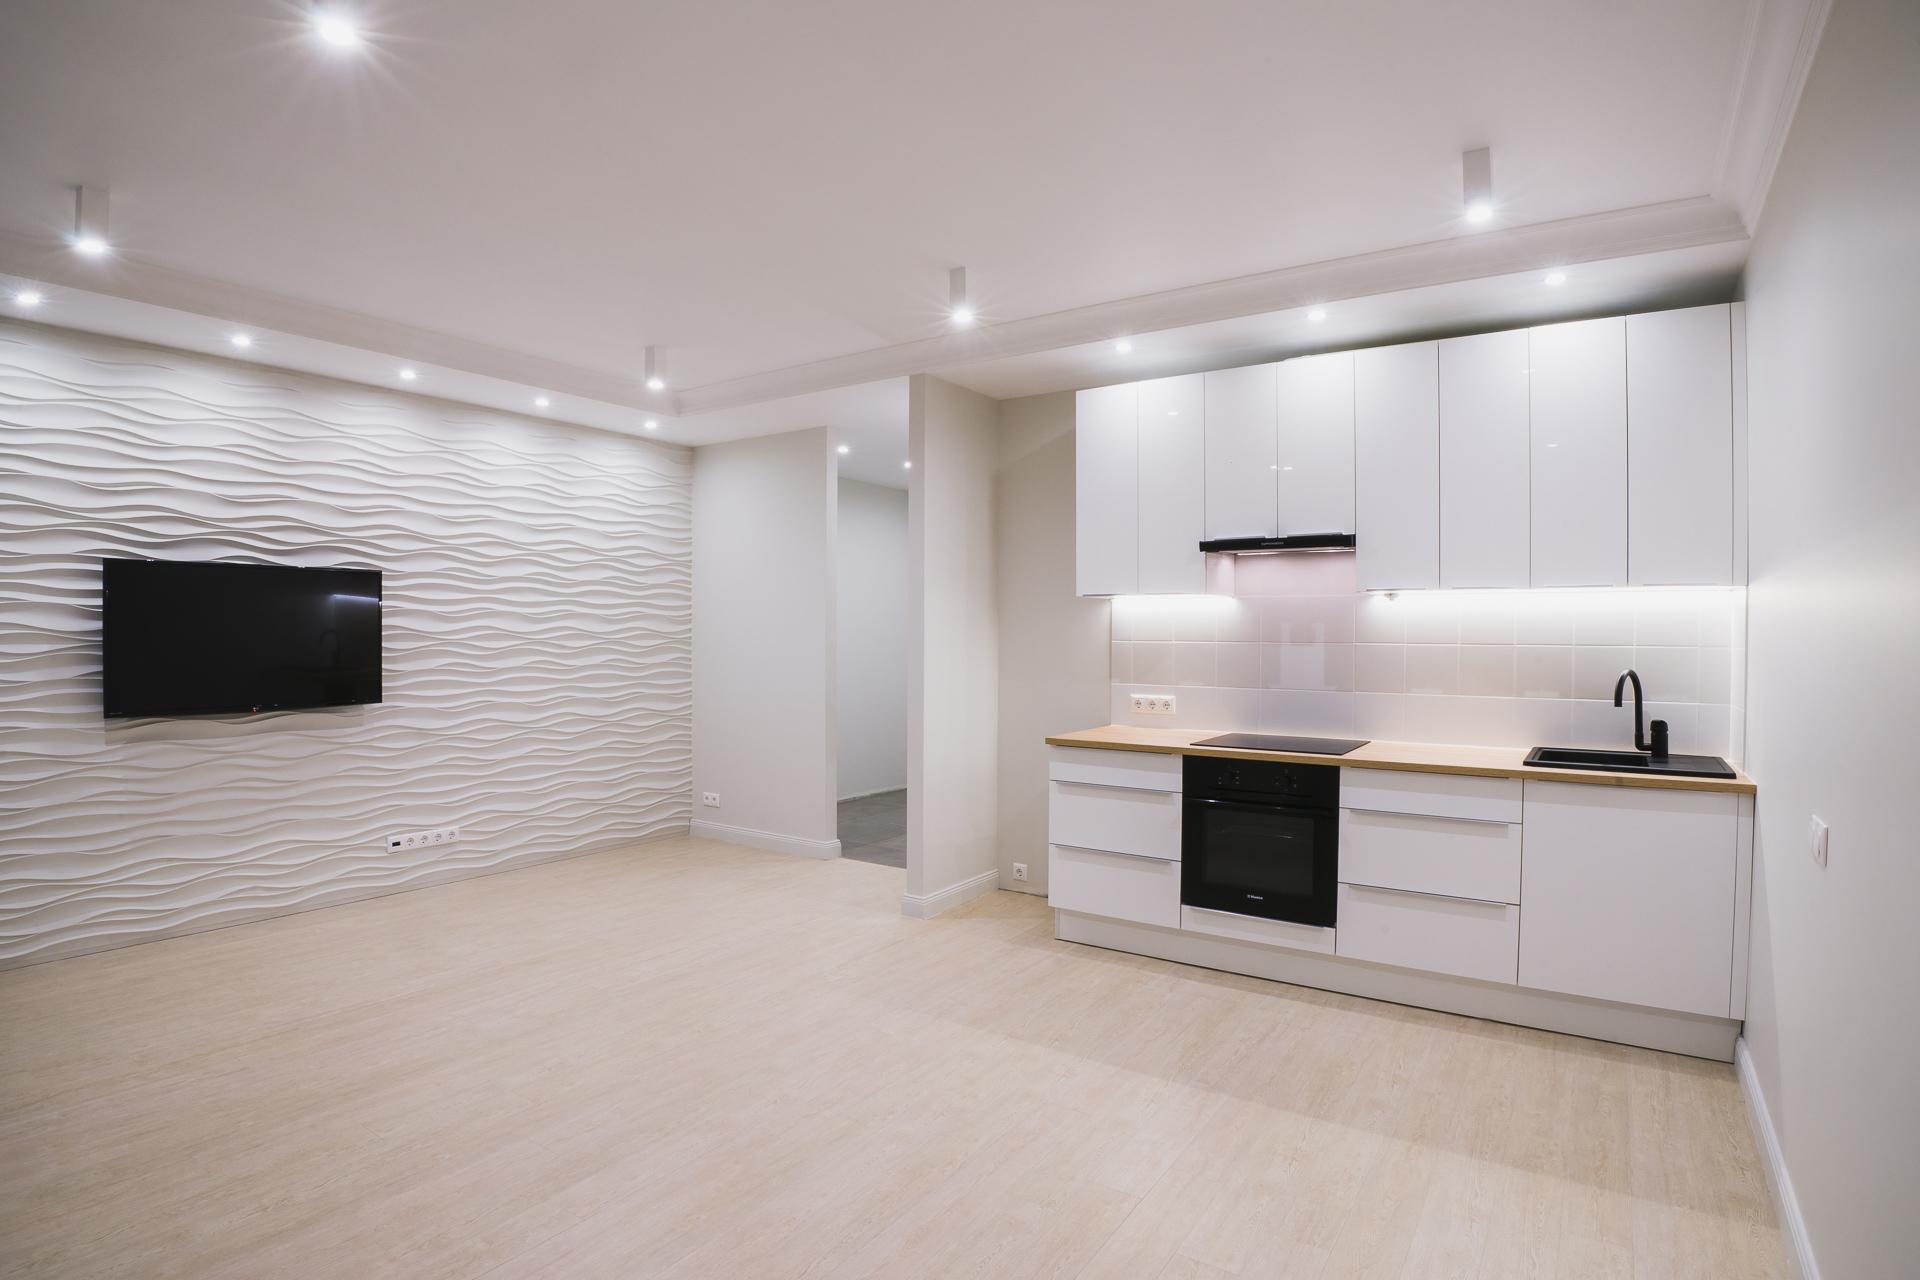 Ремонт и отделка квартир под ключ в Оренбурге - Компания